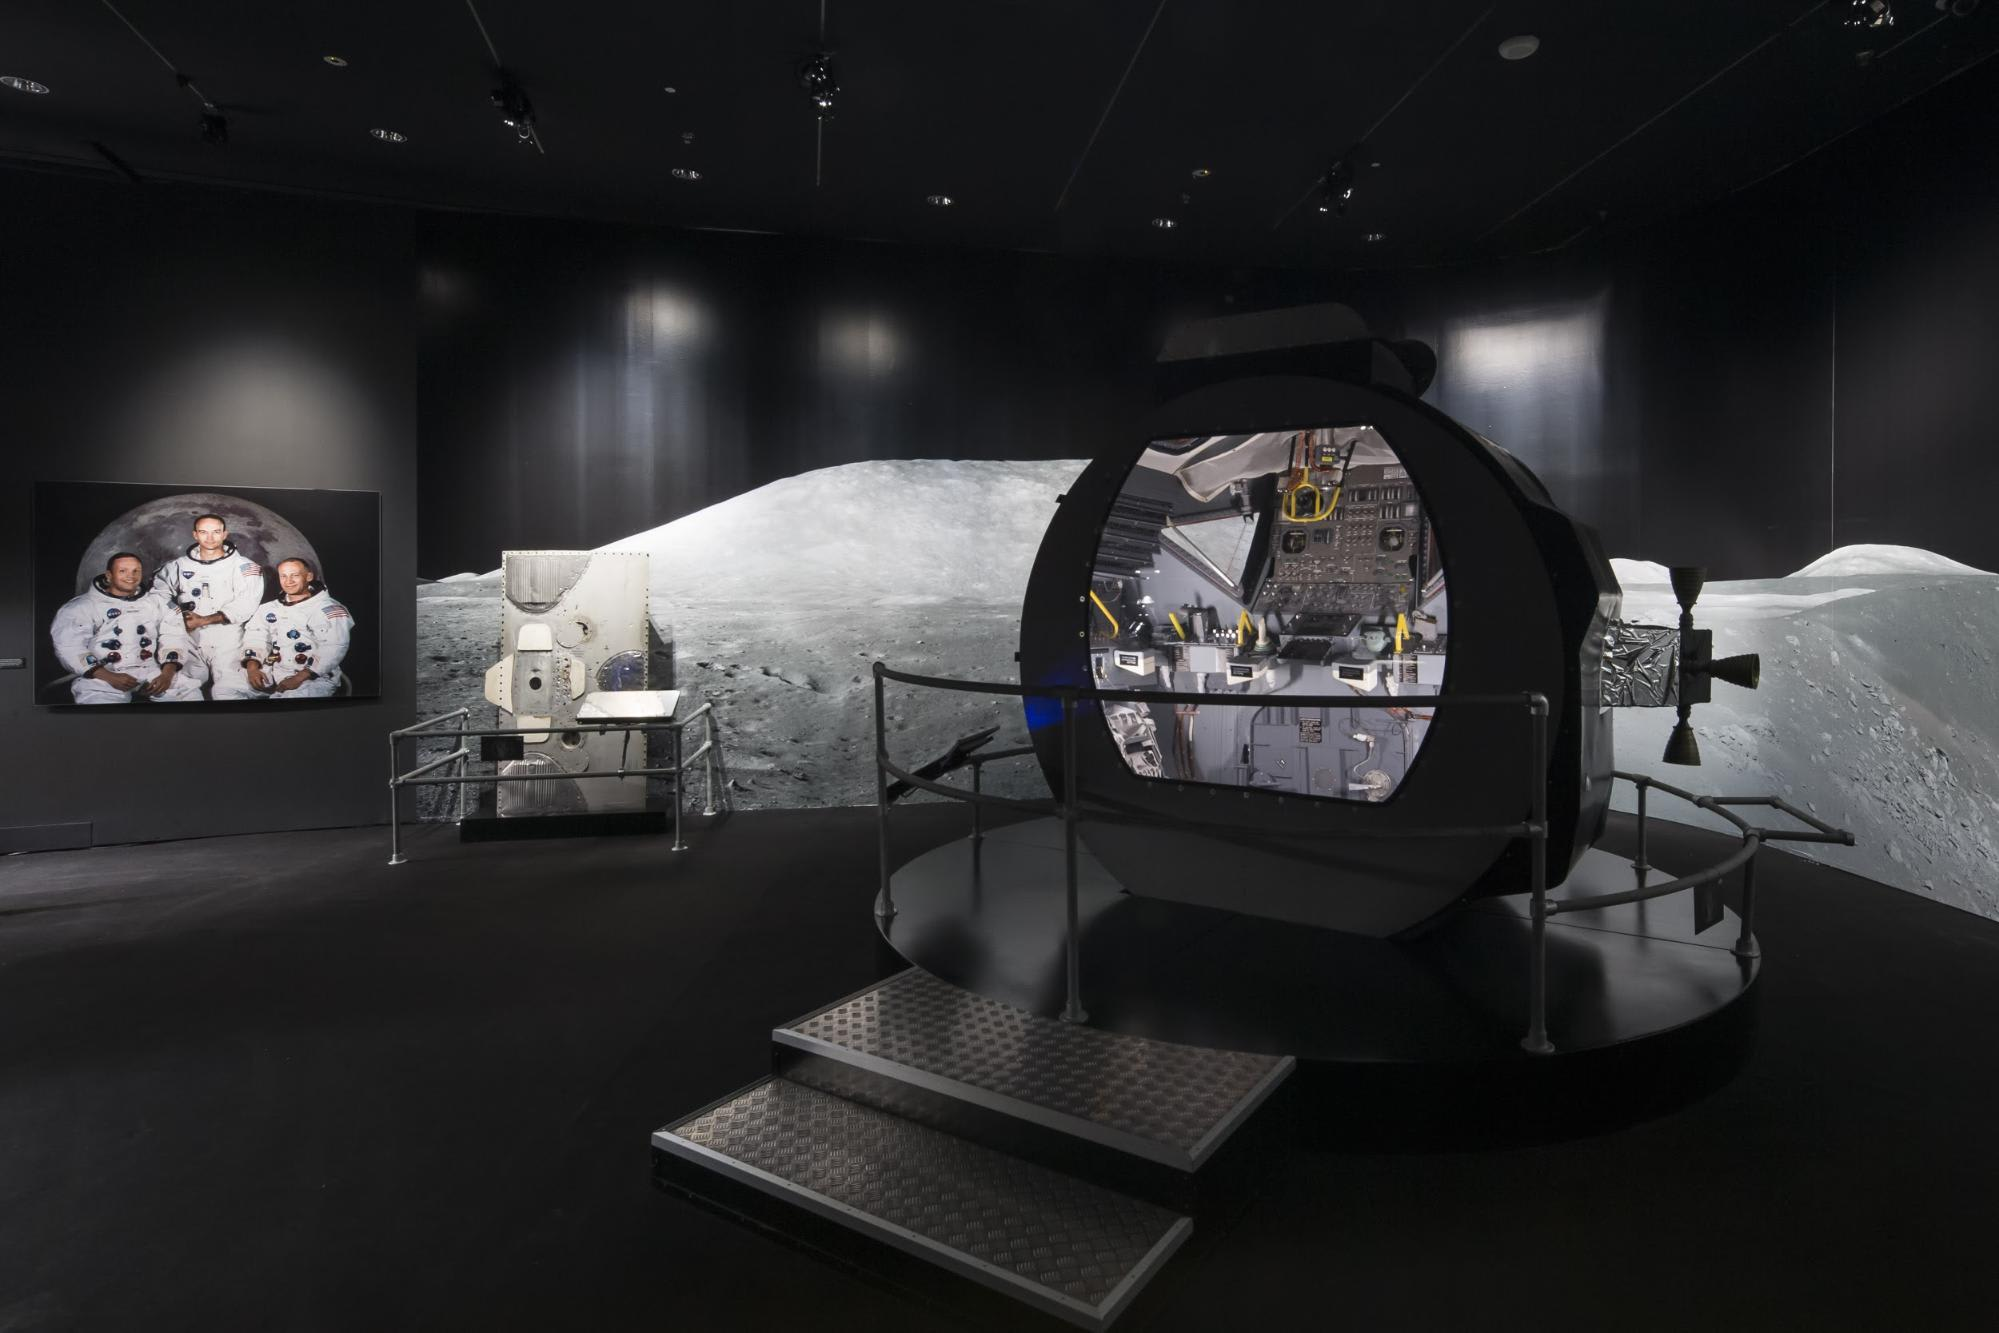 NASA Exhibition